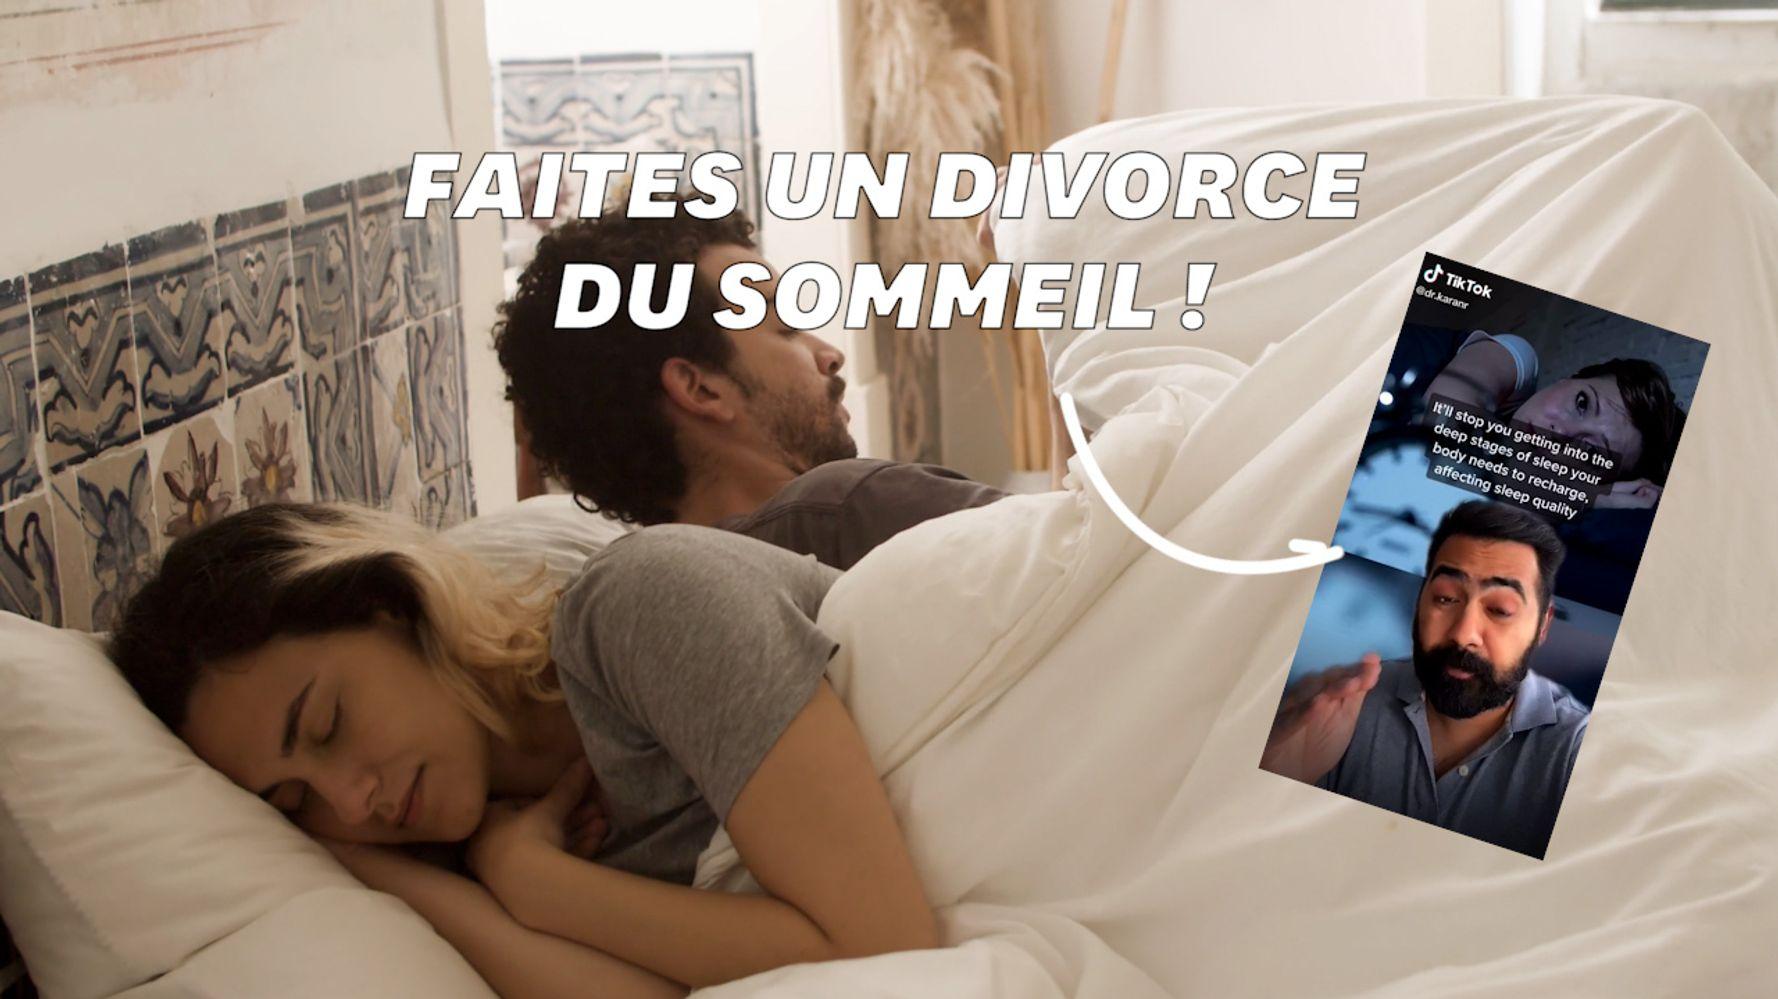 Dormir seul, le conseil de ce médecin aux couples pour ne plus manquer de sommeil